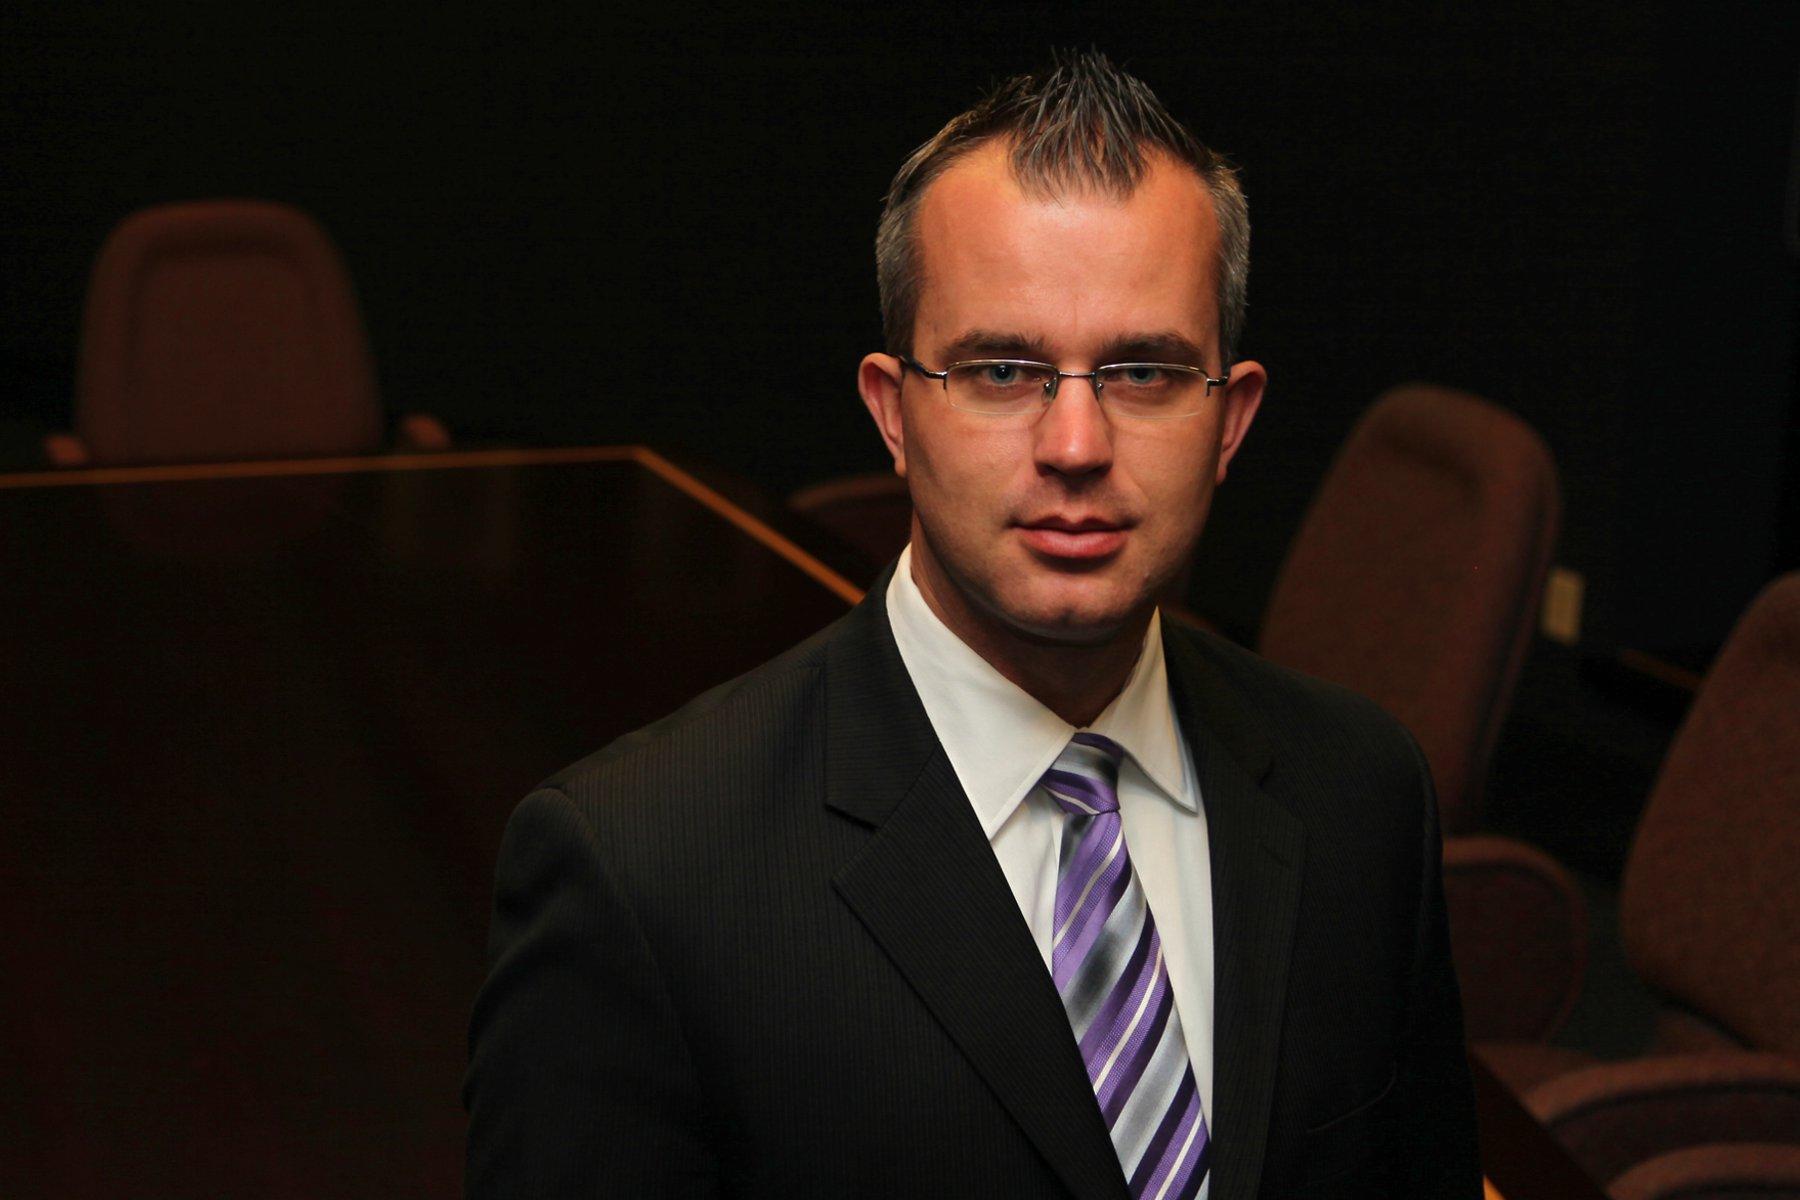 Peter Karsten